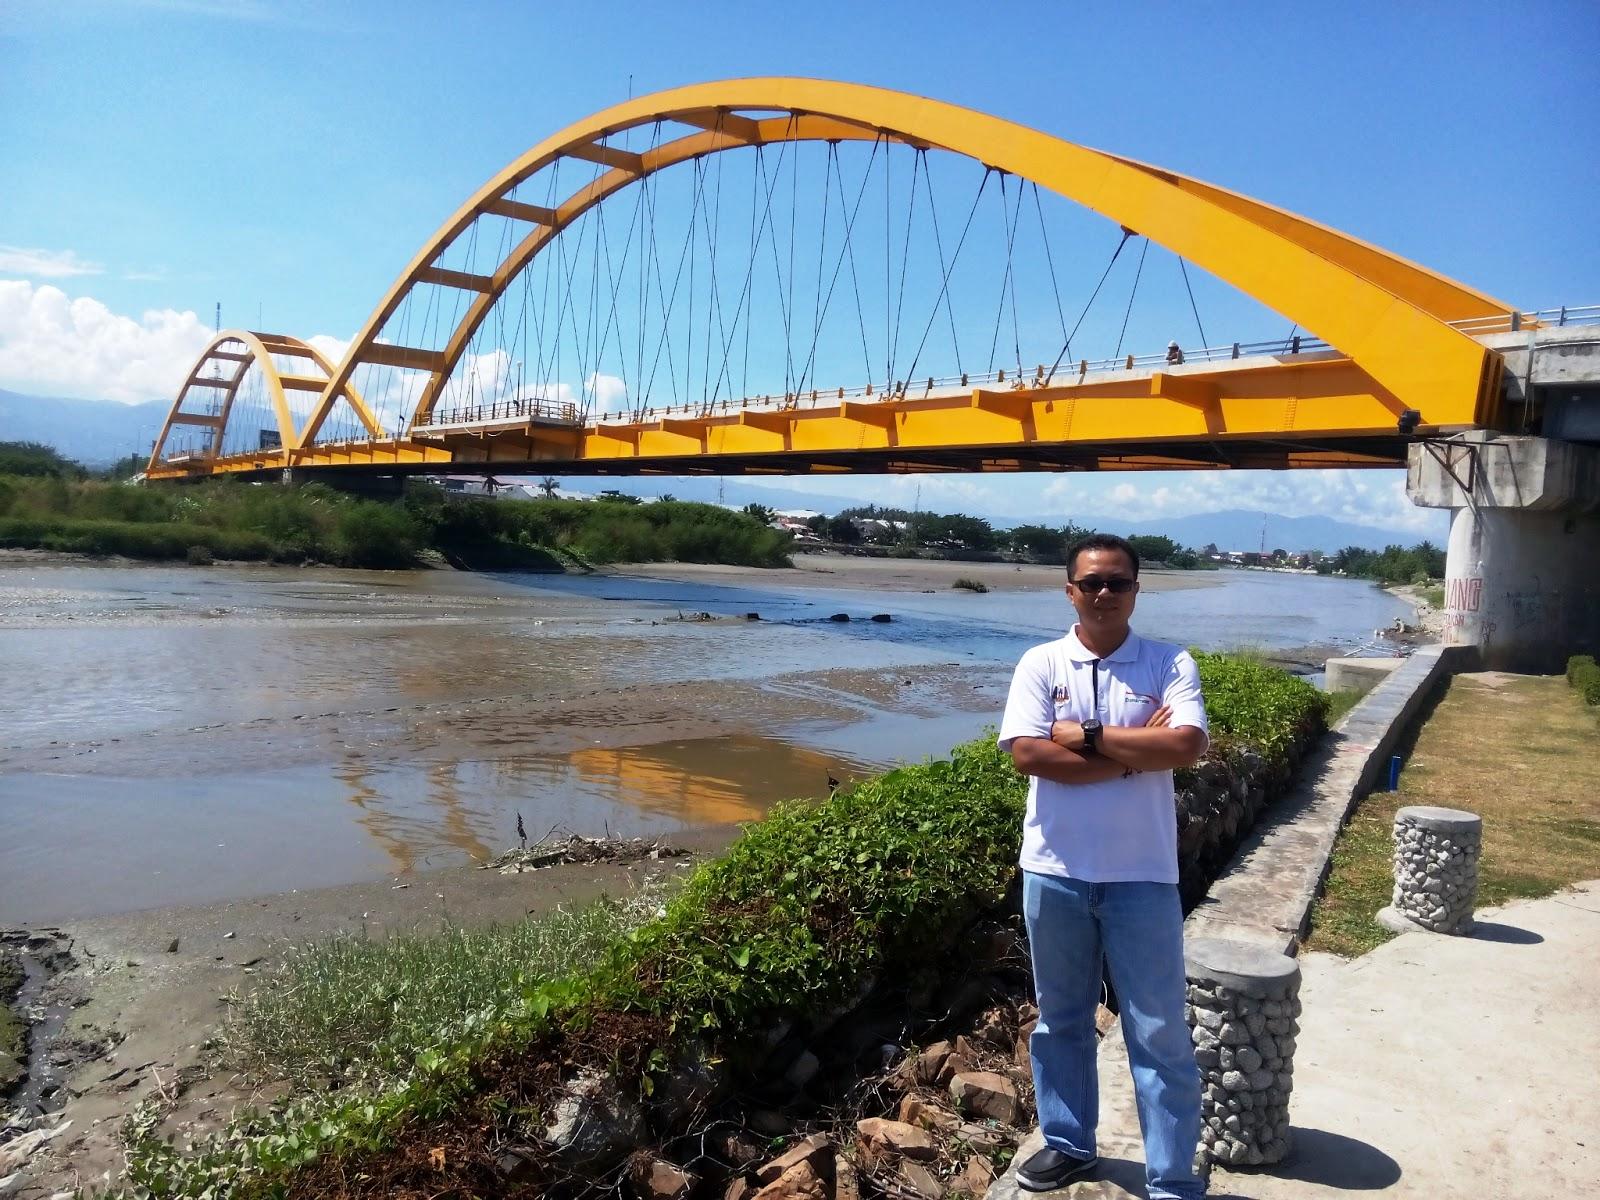 Wiyak Bumi Langit Berfoto Jembatan Palu Iv Ponulele Kota